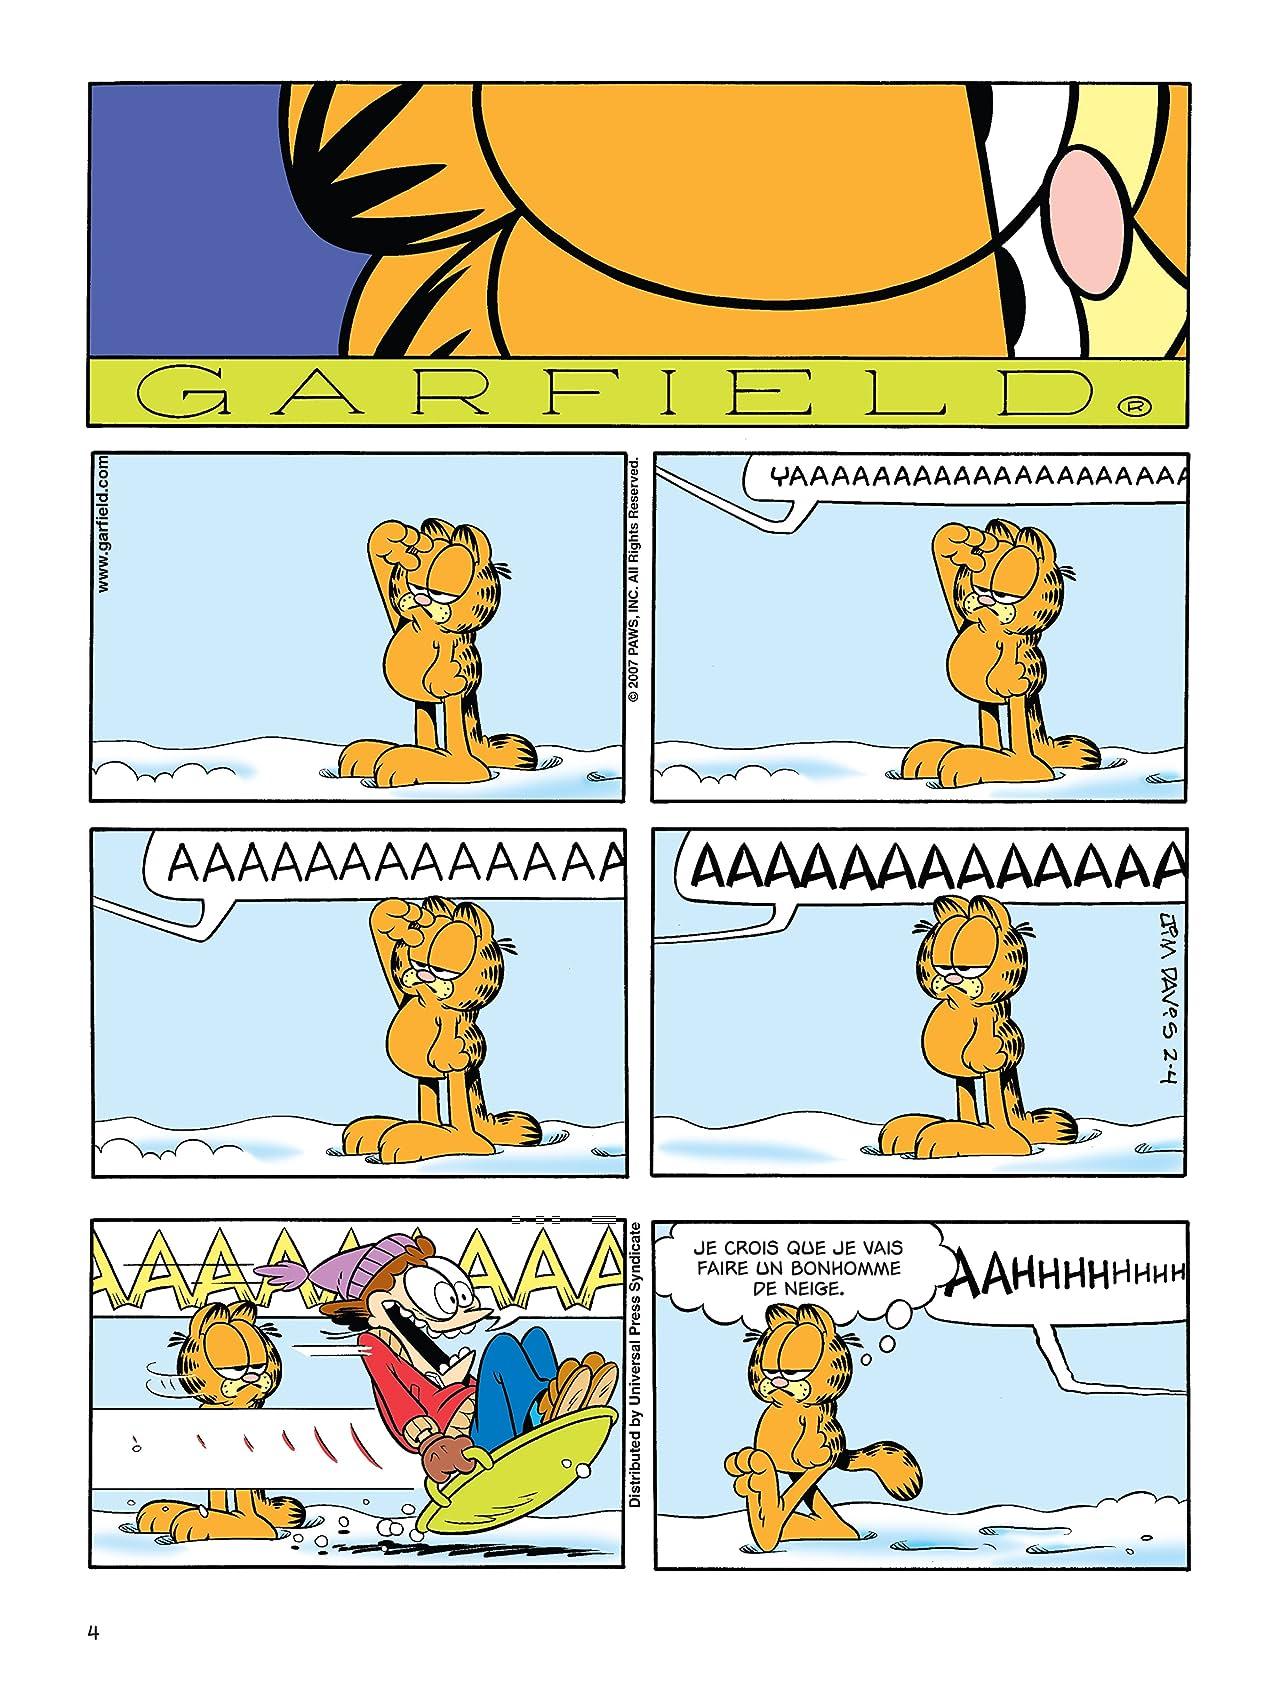 Garfield Vol. 52: Bête de scène (52)